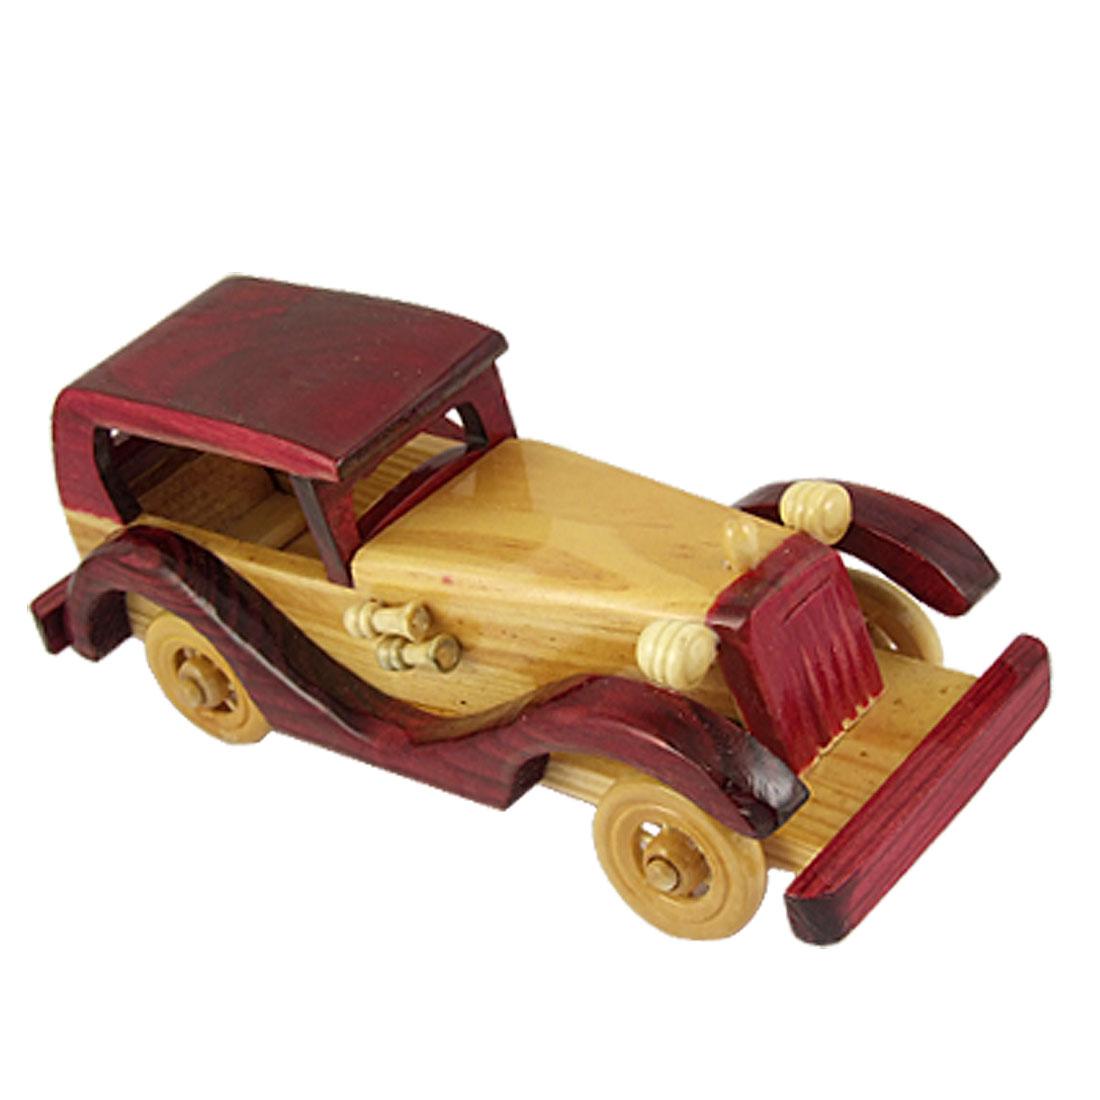 Desk Table Burgundy Wood Color Jalopy Car Model Decor